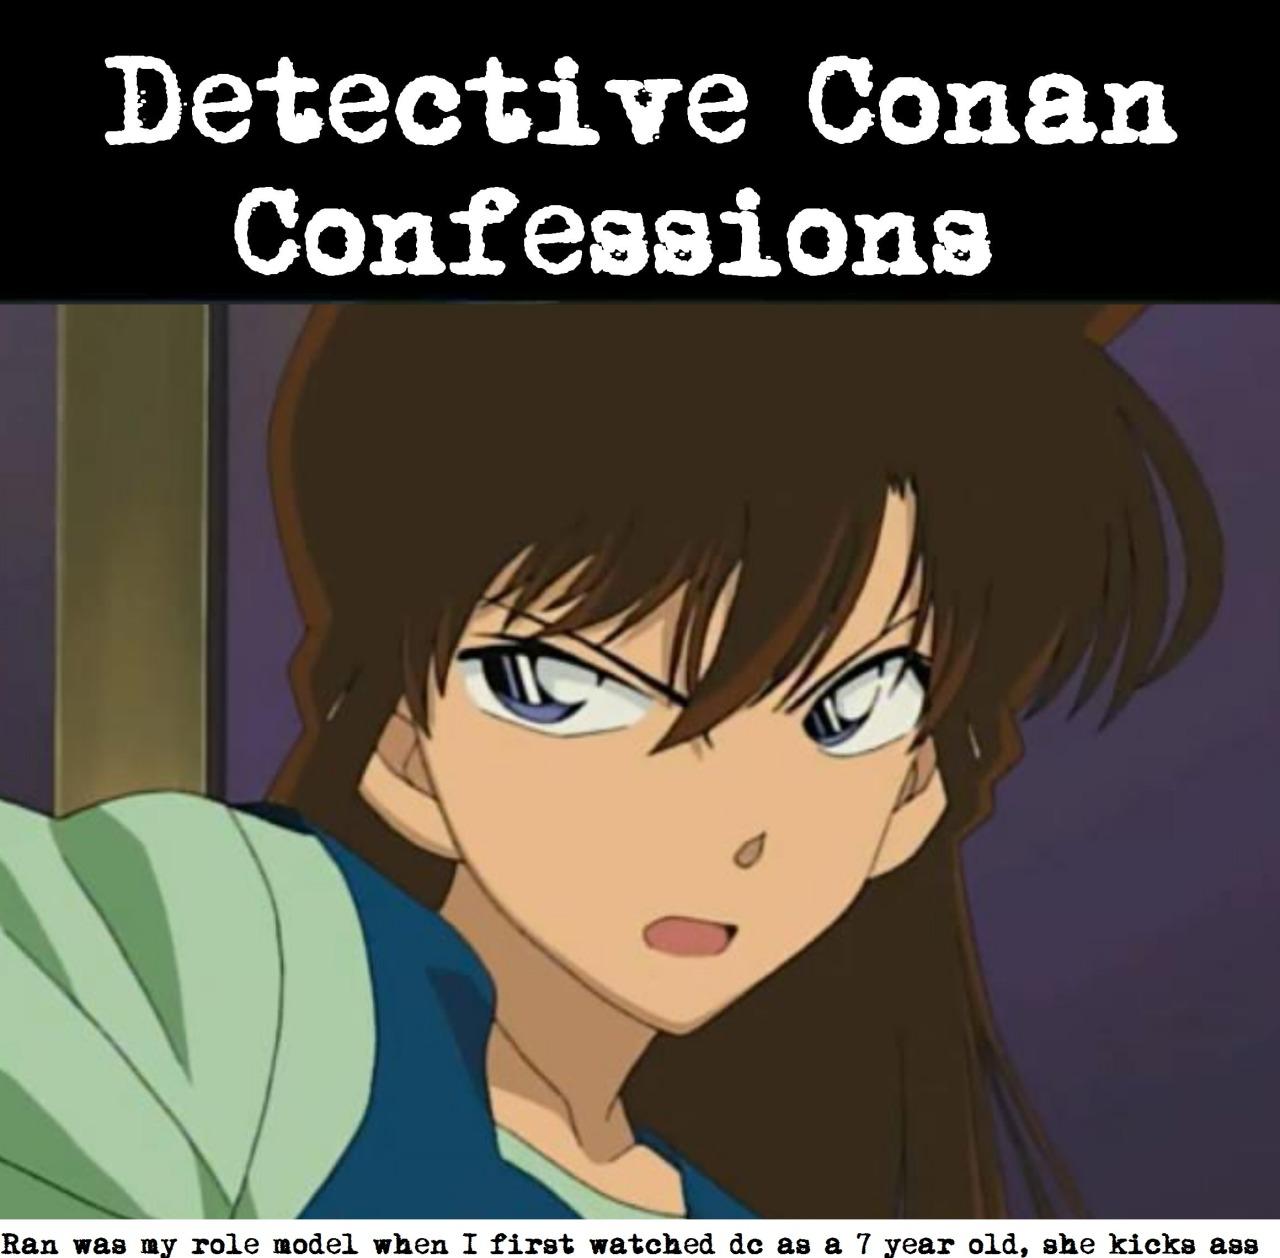 Detective conan ran ass